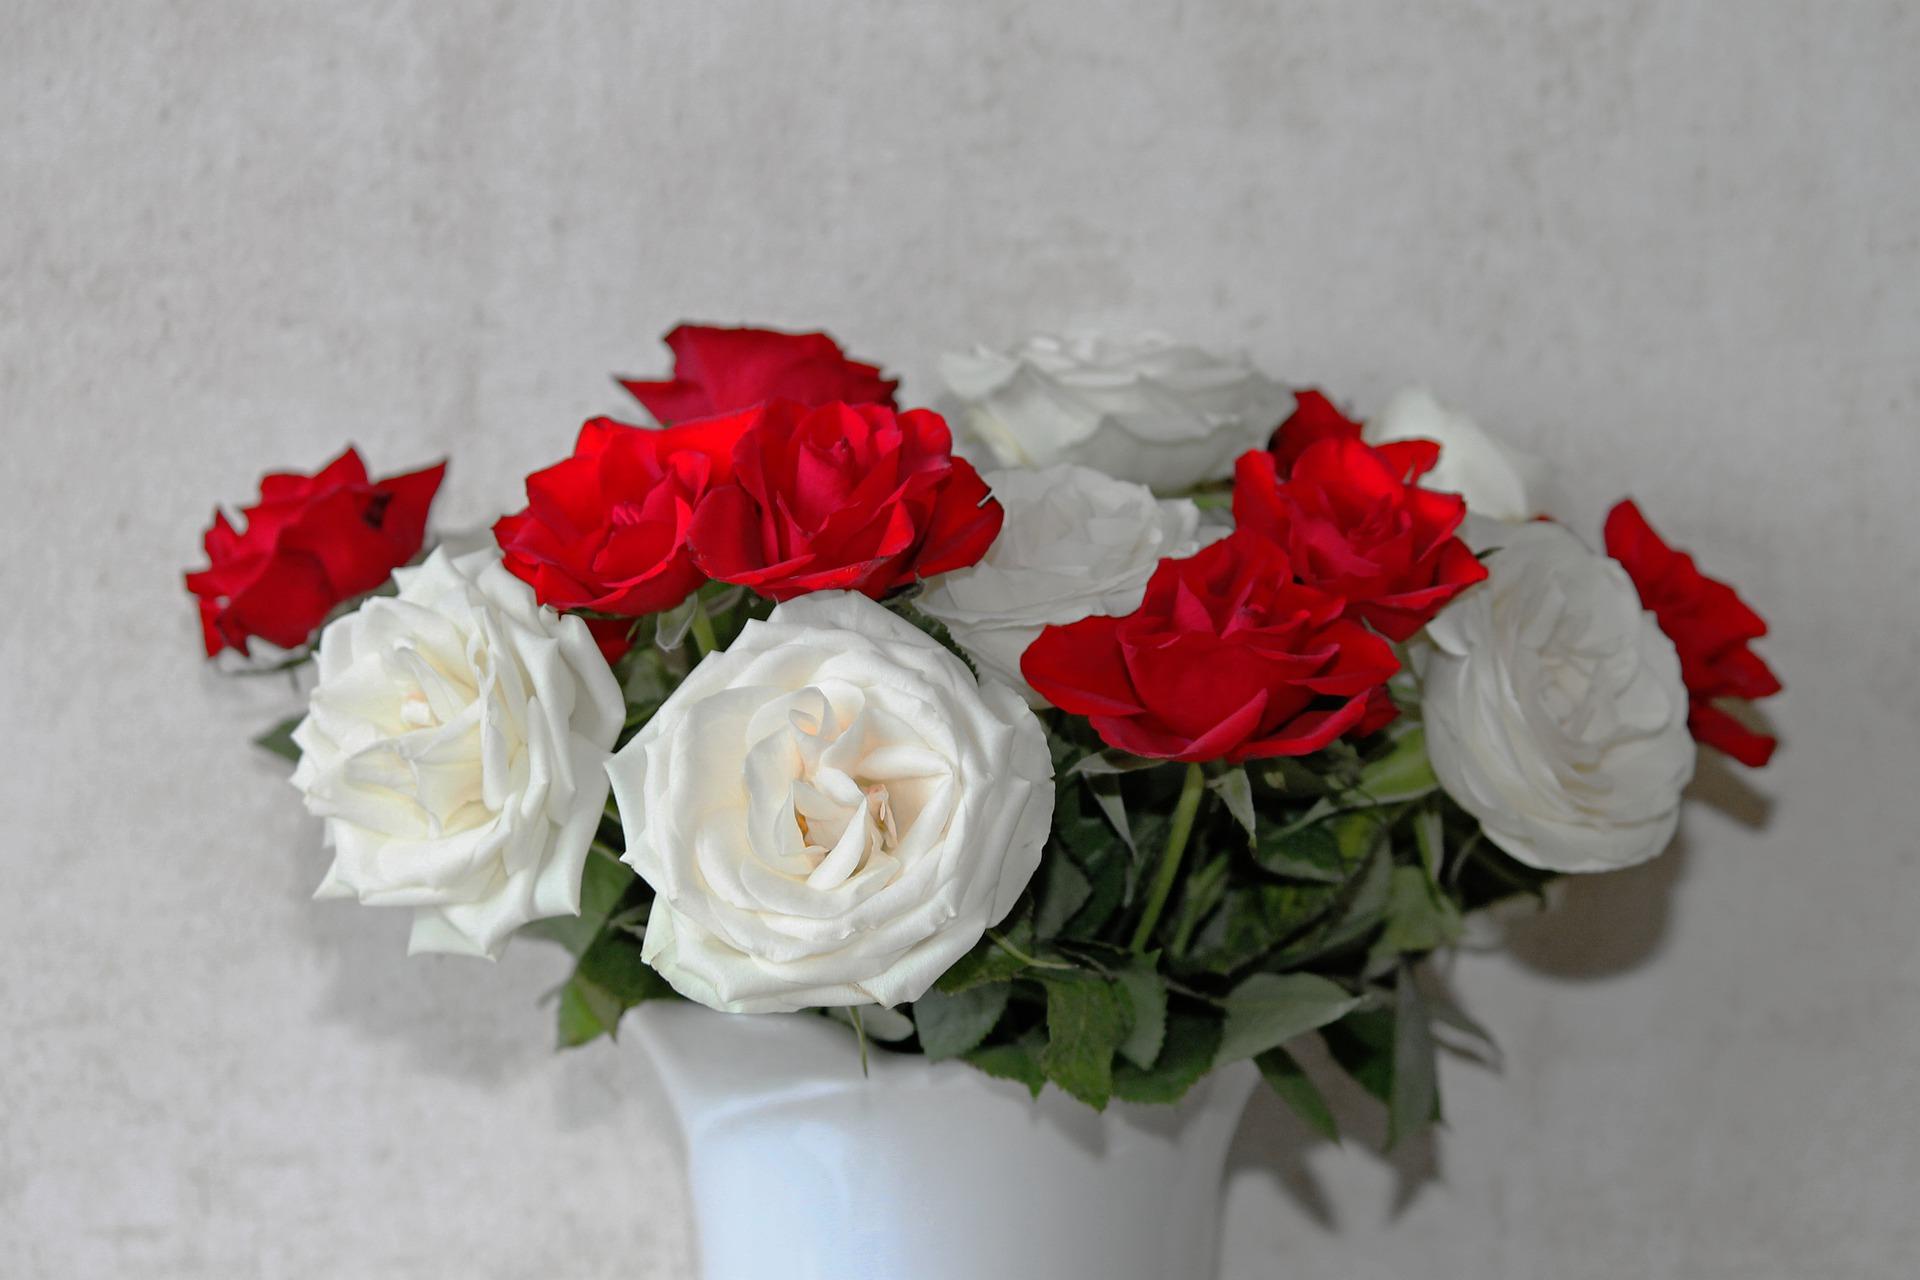 بالصور اجمل ورود الحب , اجمل باقات زهور الحب 978 12